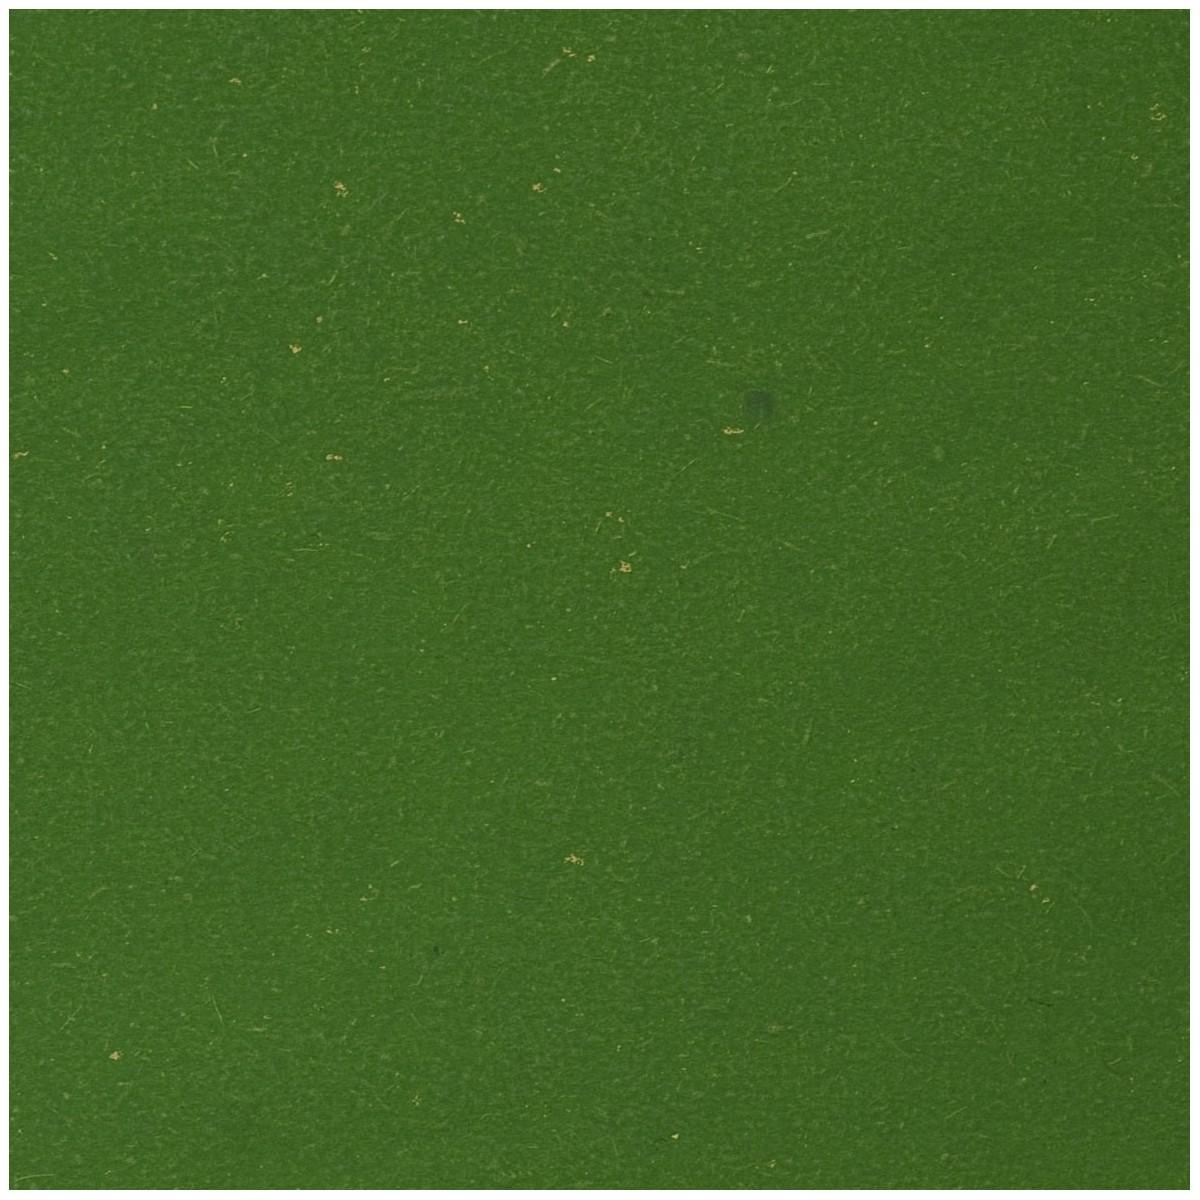 Carta Paglia ECOCHIC Gr.85 Fogli Cm.70x100 Colori Tinta Unita Verde Medio